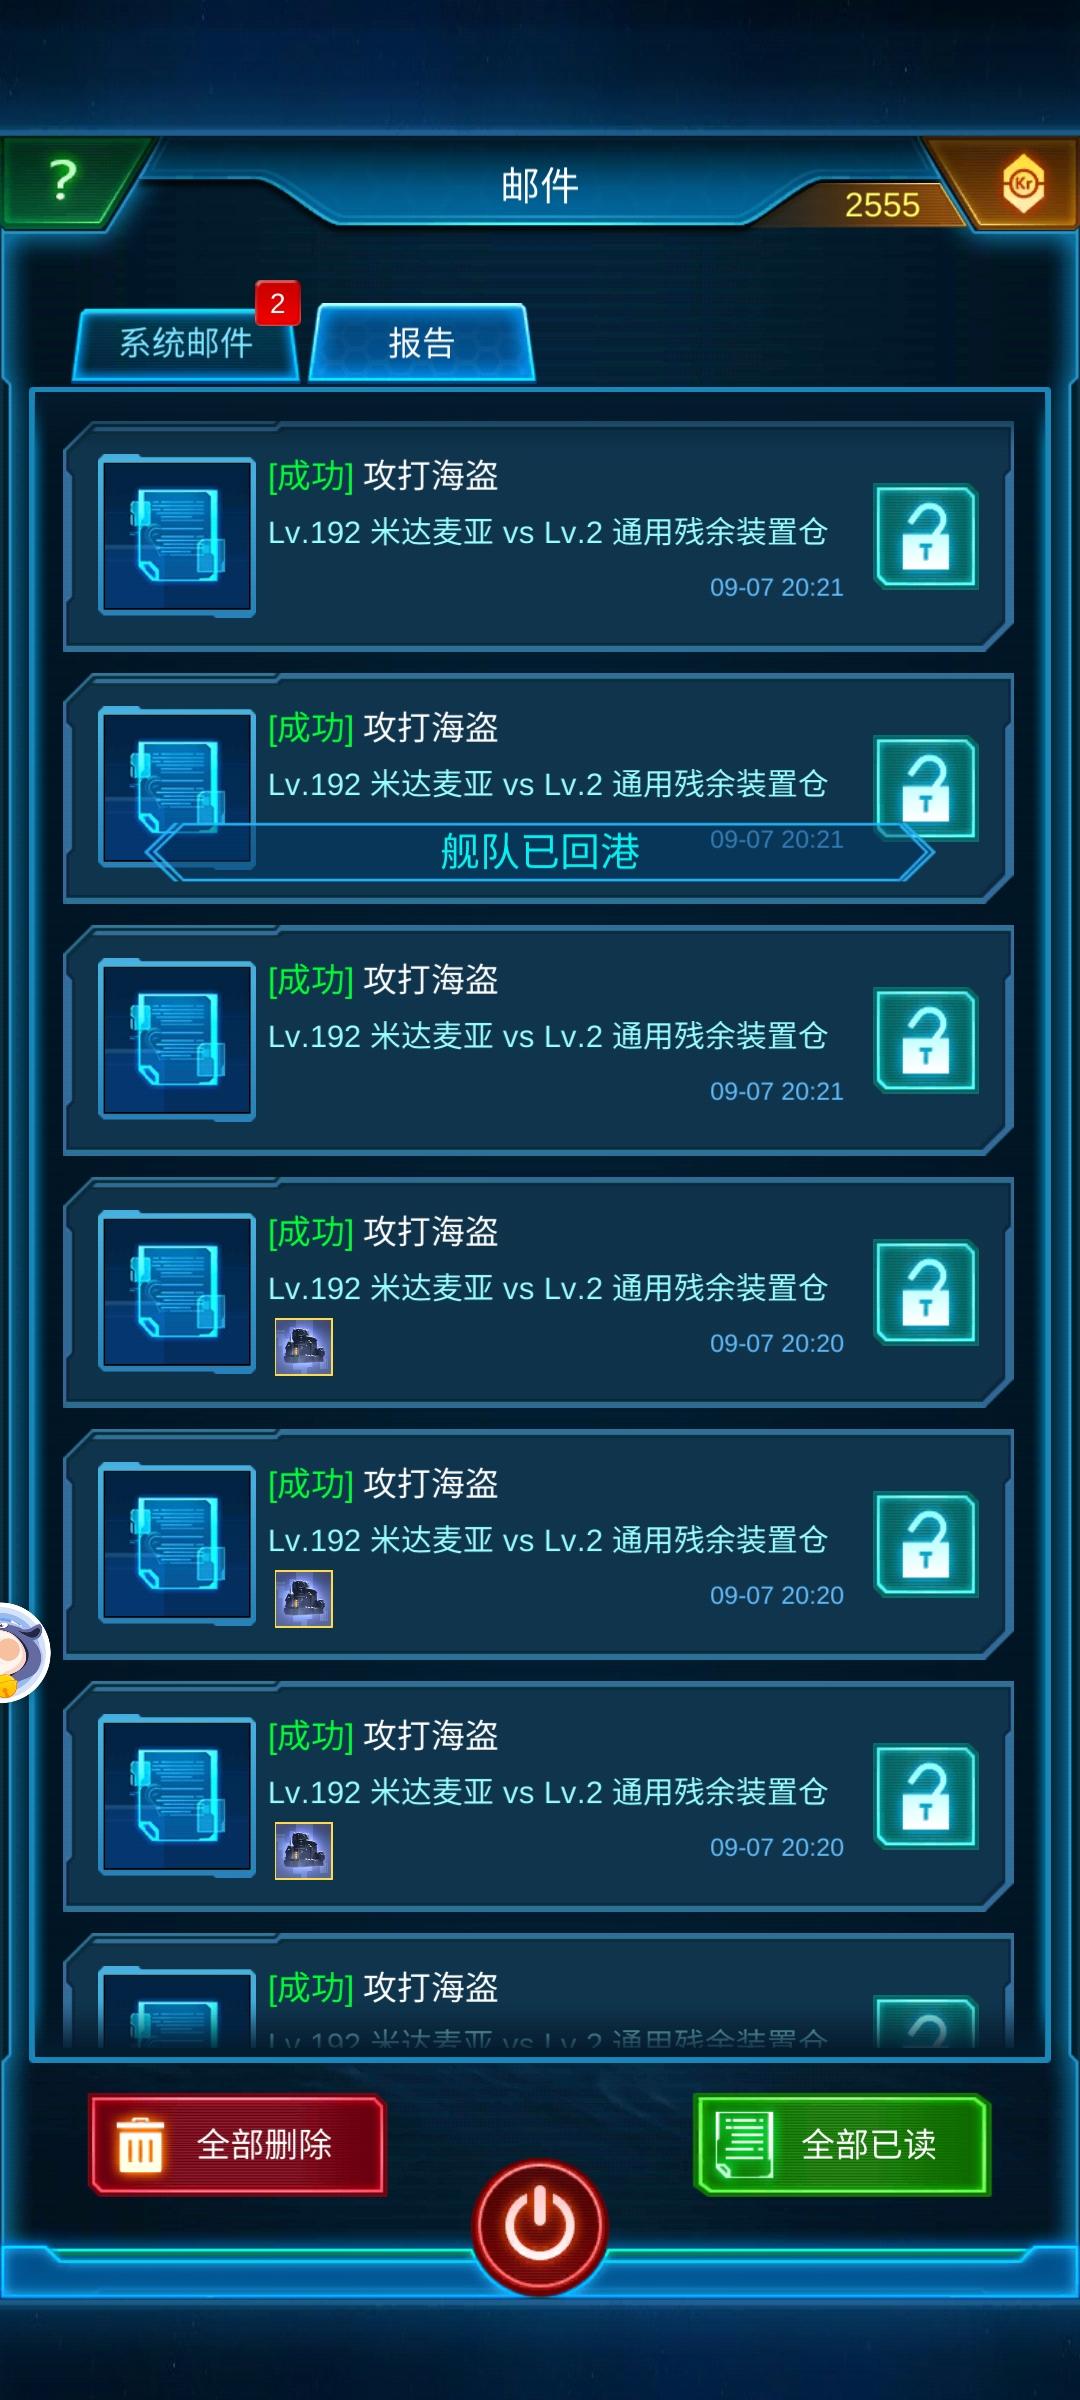 Screenshot_2021-09-07-20-35-57-251_com.yhzj.jedi..jpg